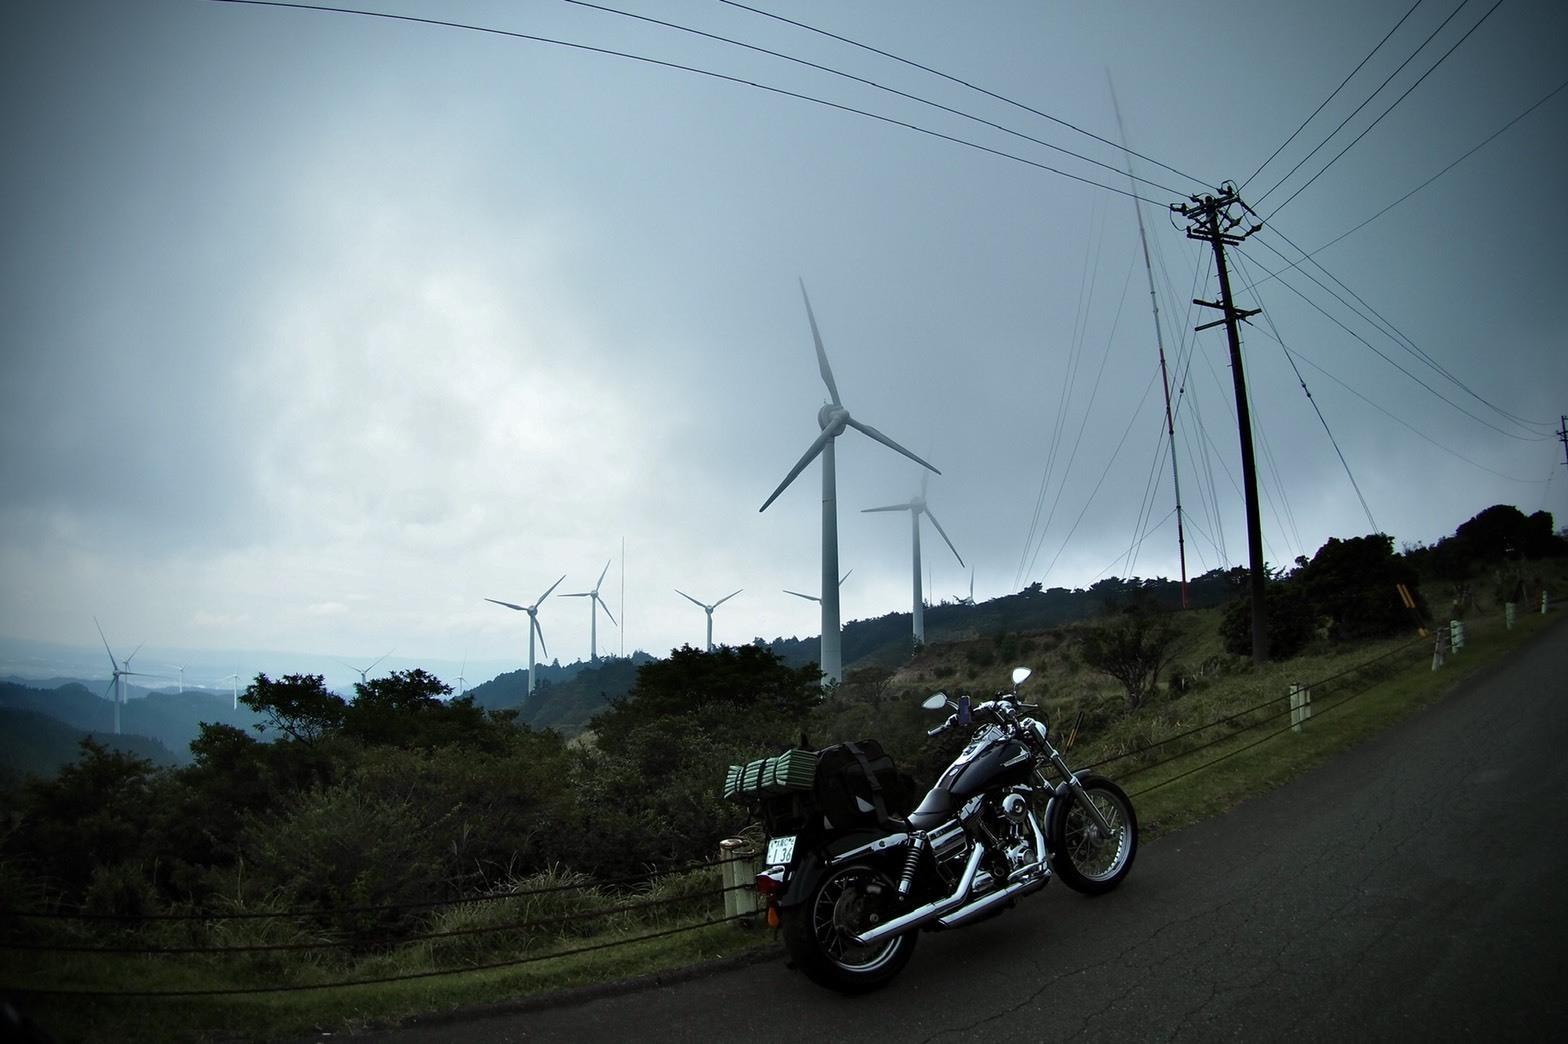 ぴーきちハーレーブログ 青山高原 風力発電 インスタ映え スポット 見晴らしが良い